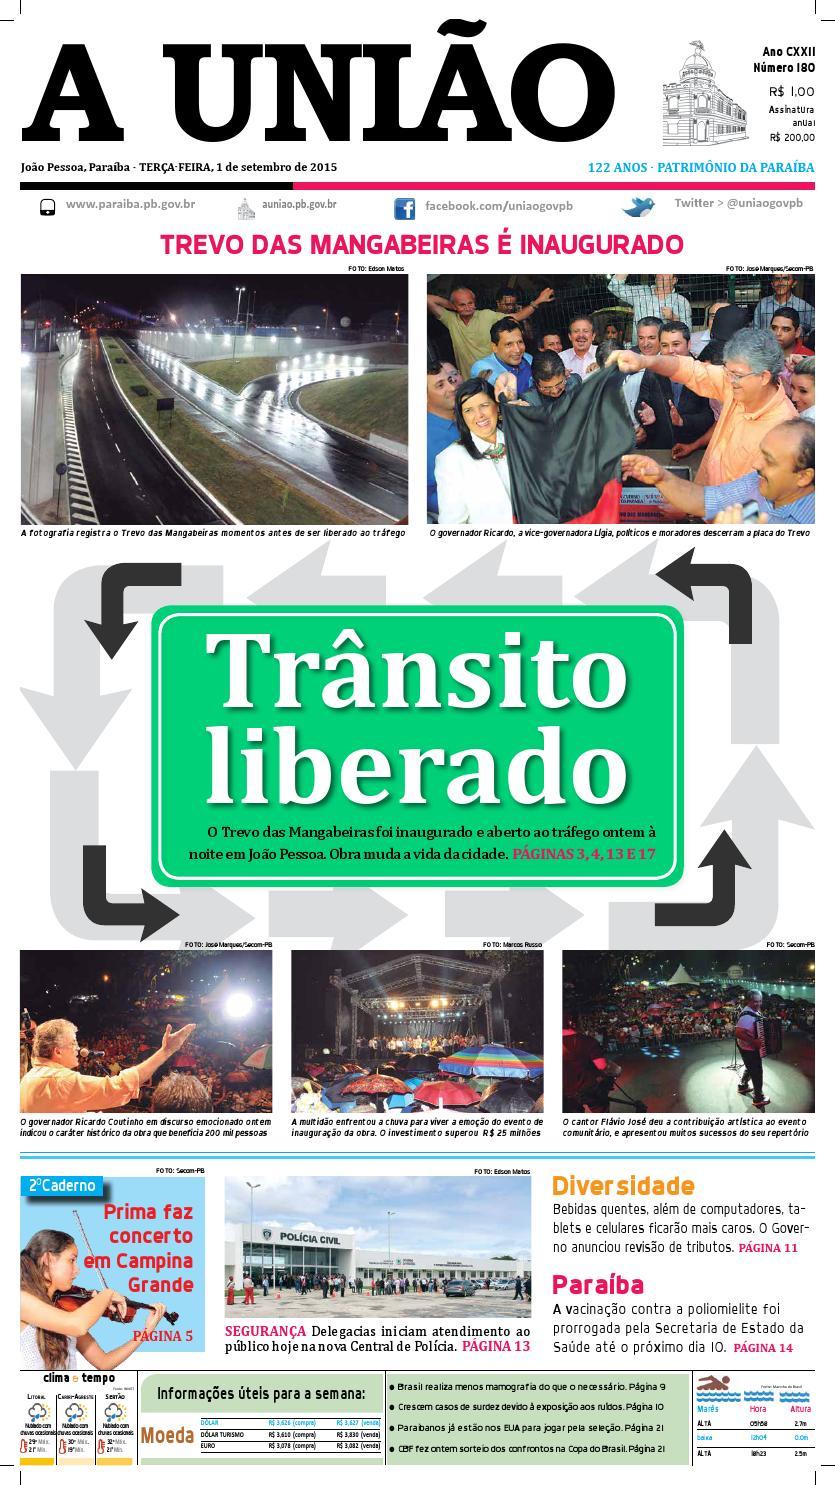 eefd81b006 Jornal A União - 01 09 2015 by Jornal A União - issuu